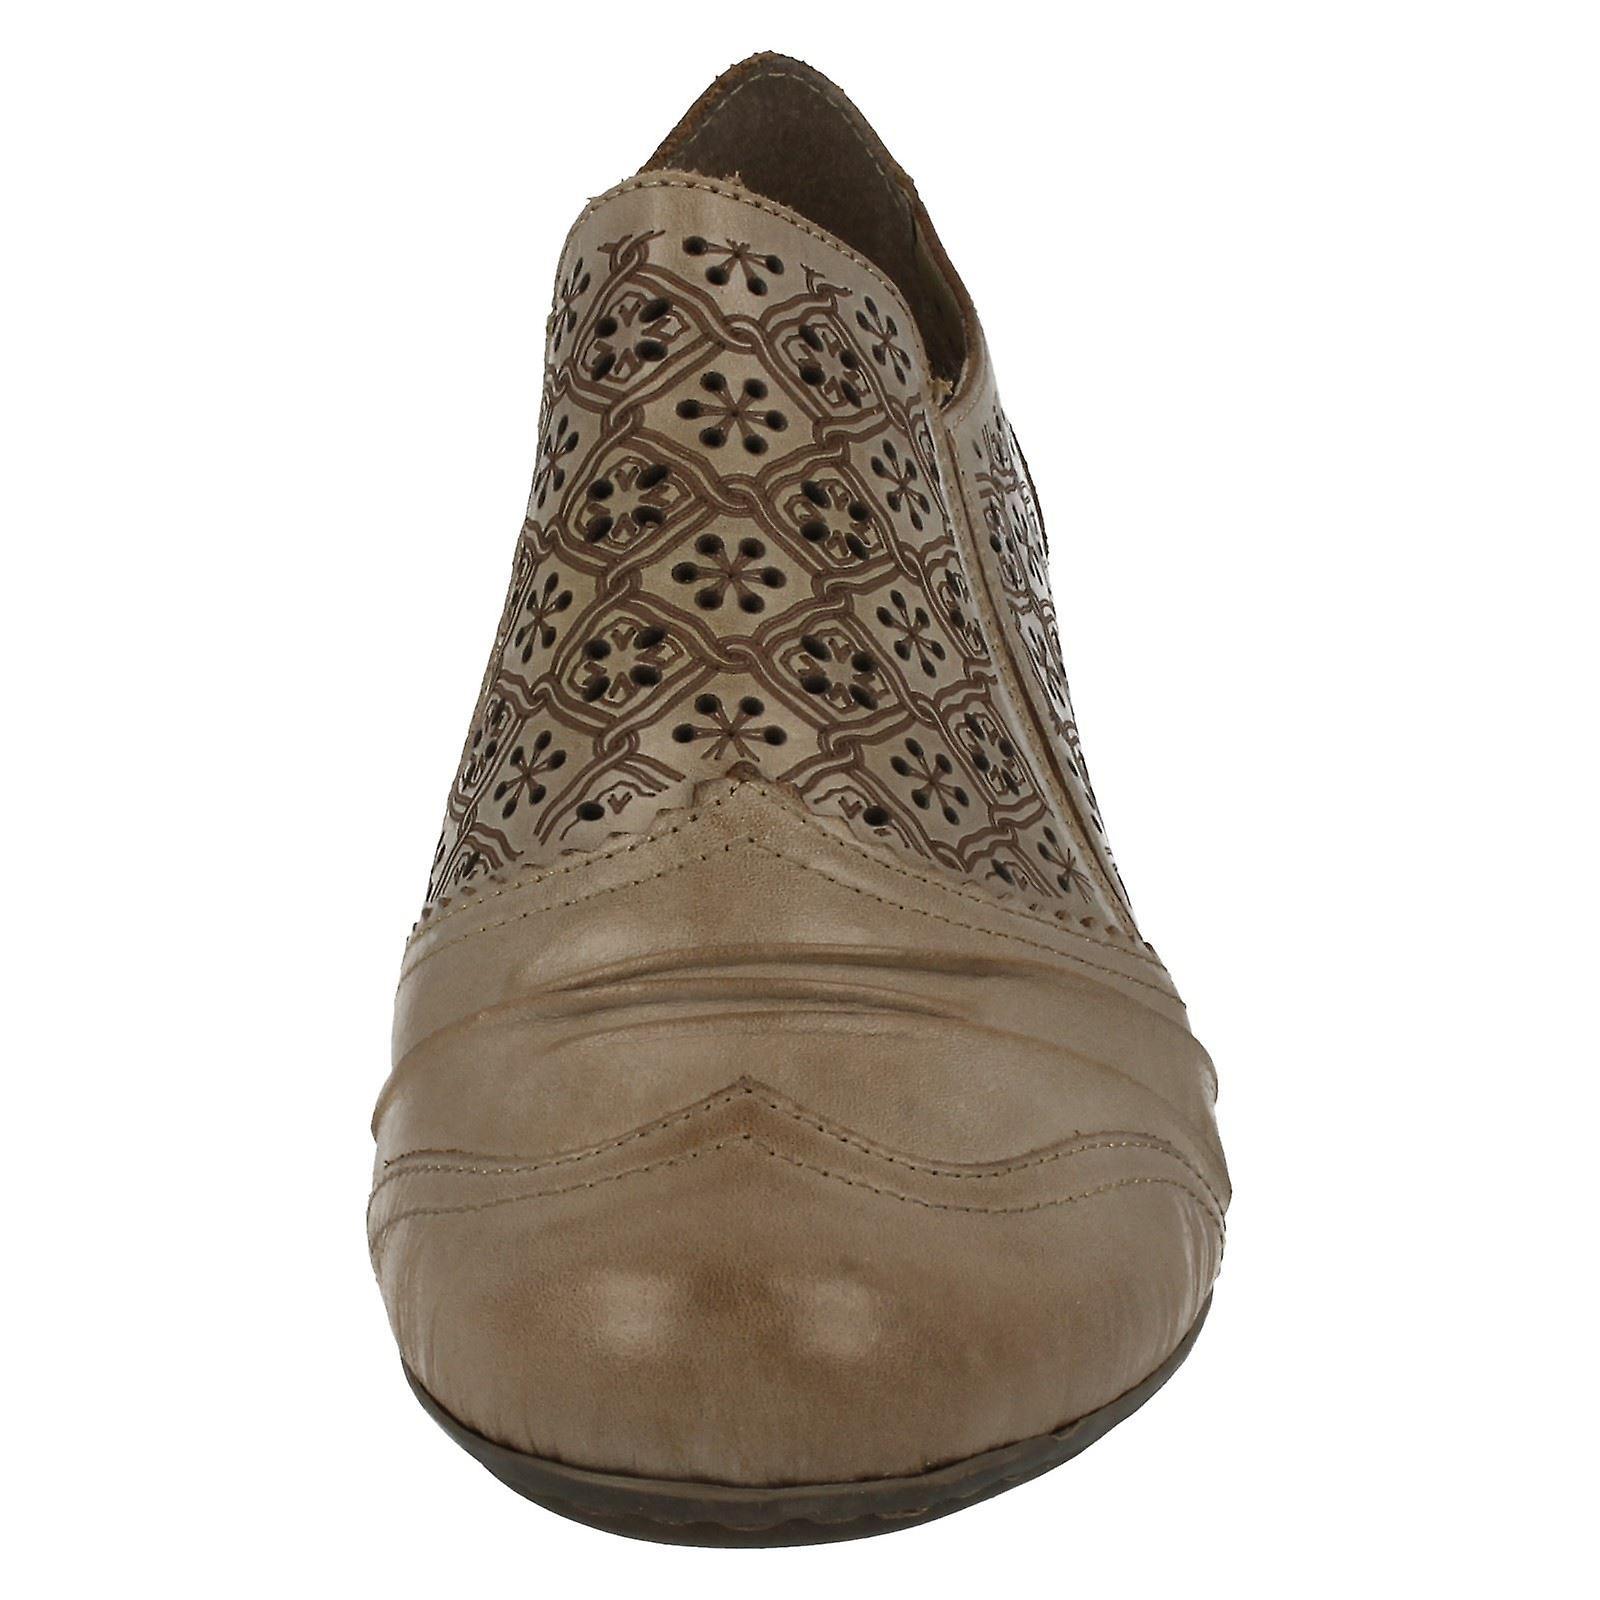 Ladies Rieker Shoes 41735